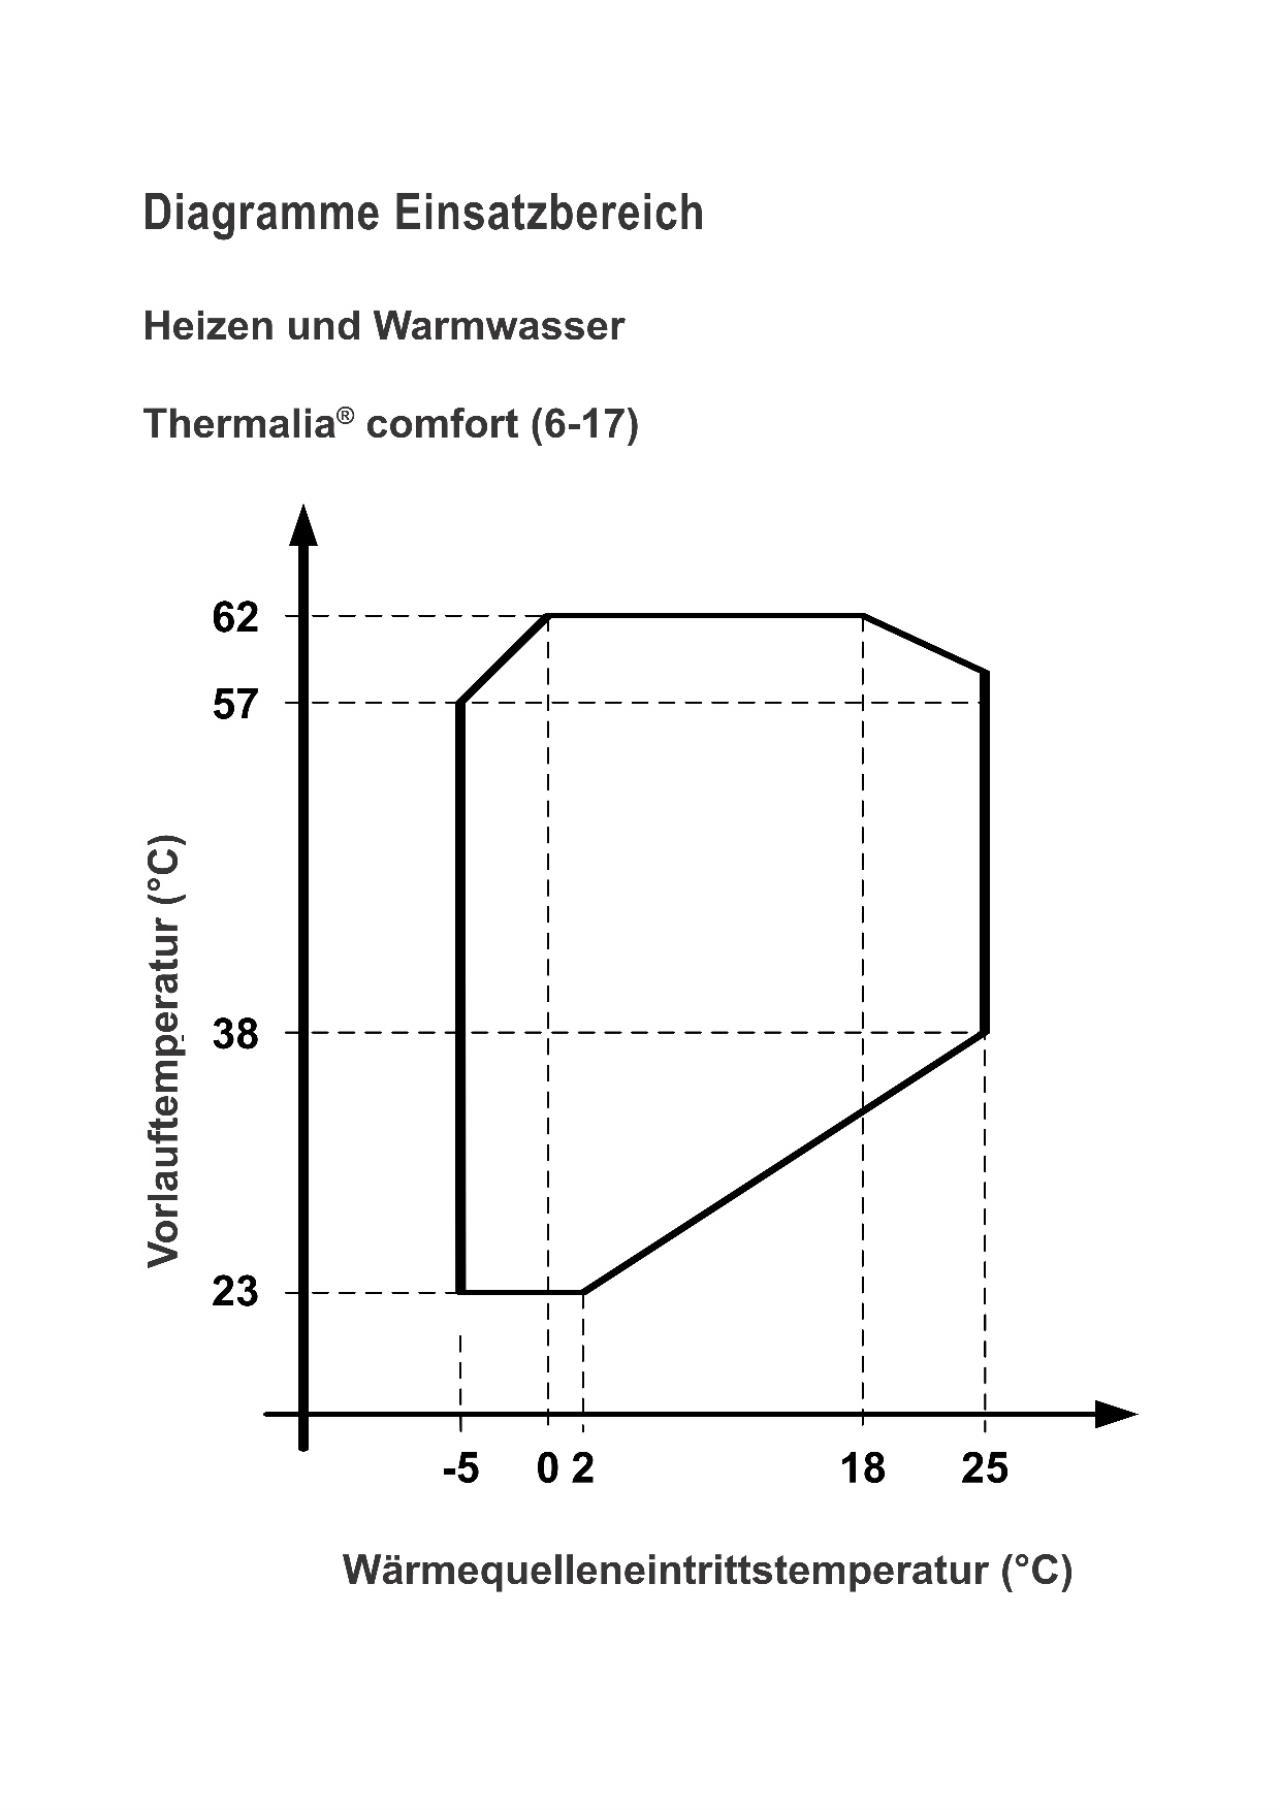 Erfreut Warmwasser System Diagramm Galerie - Die Besten Elektrischen ...